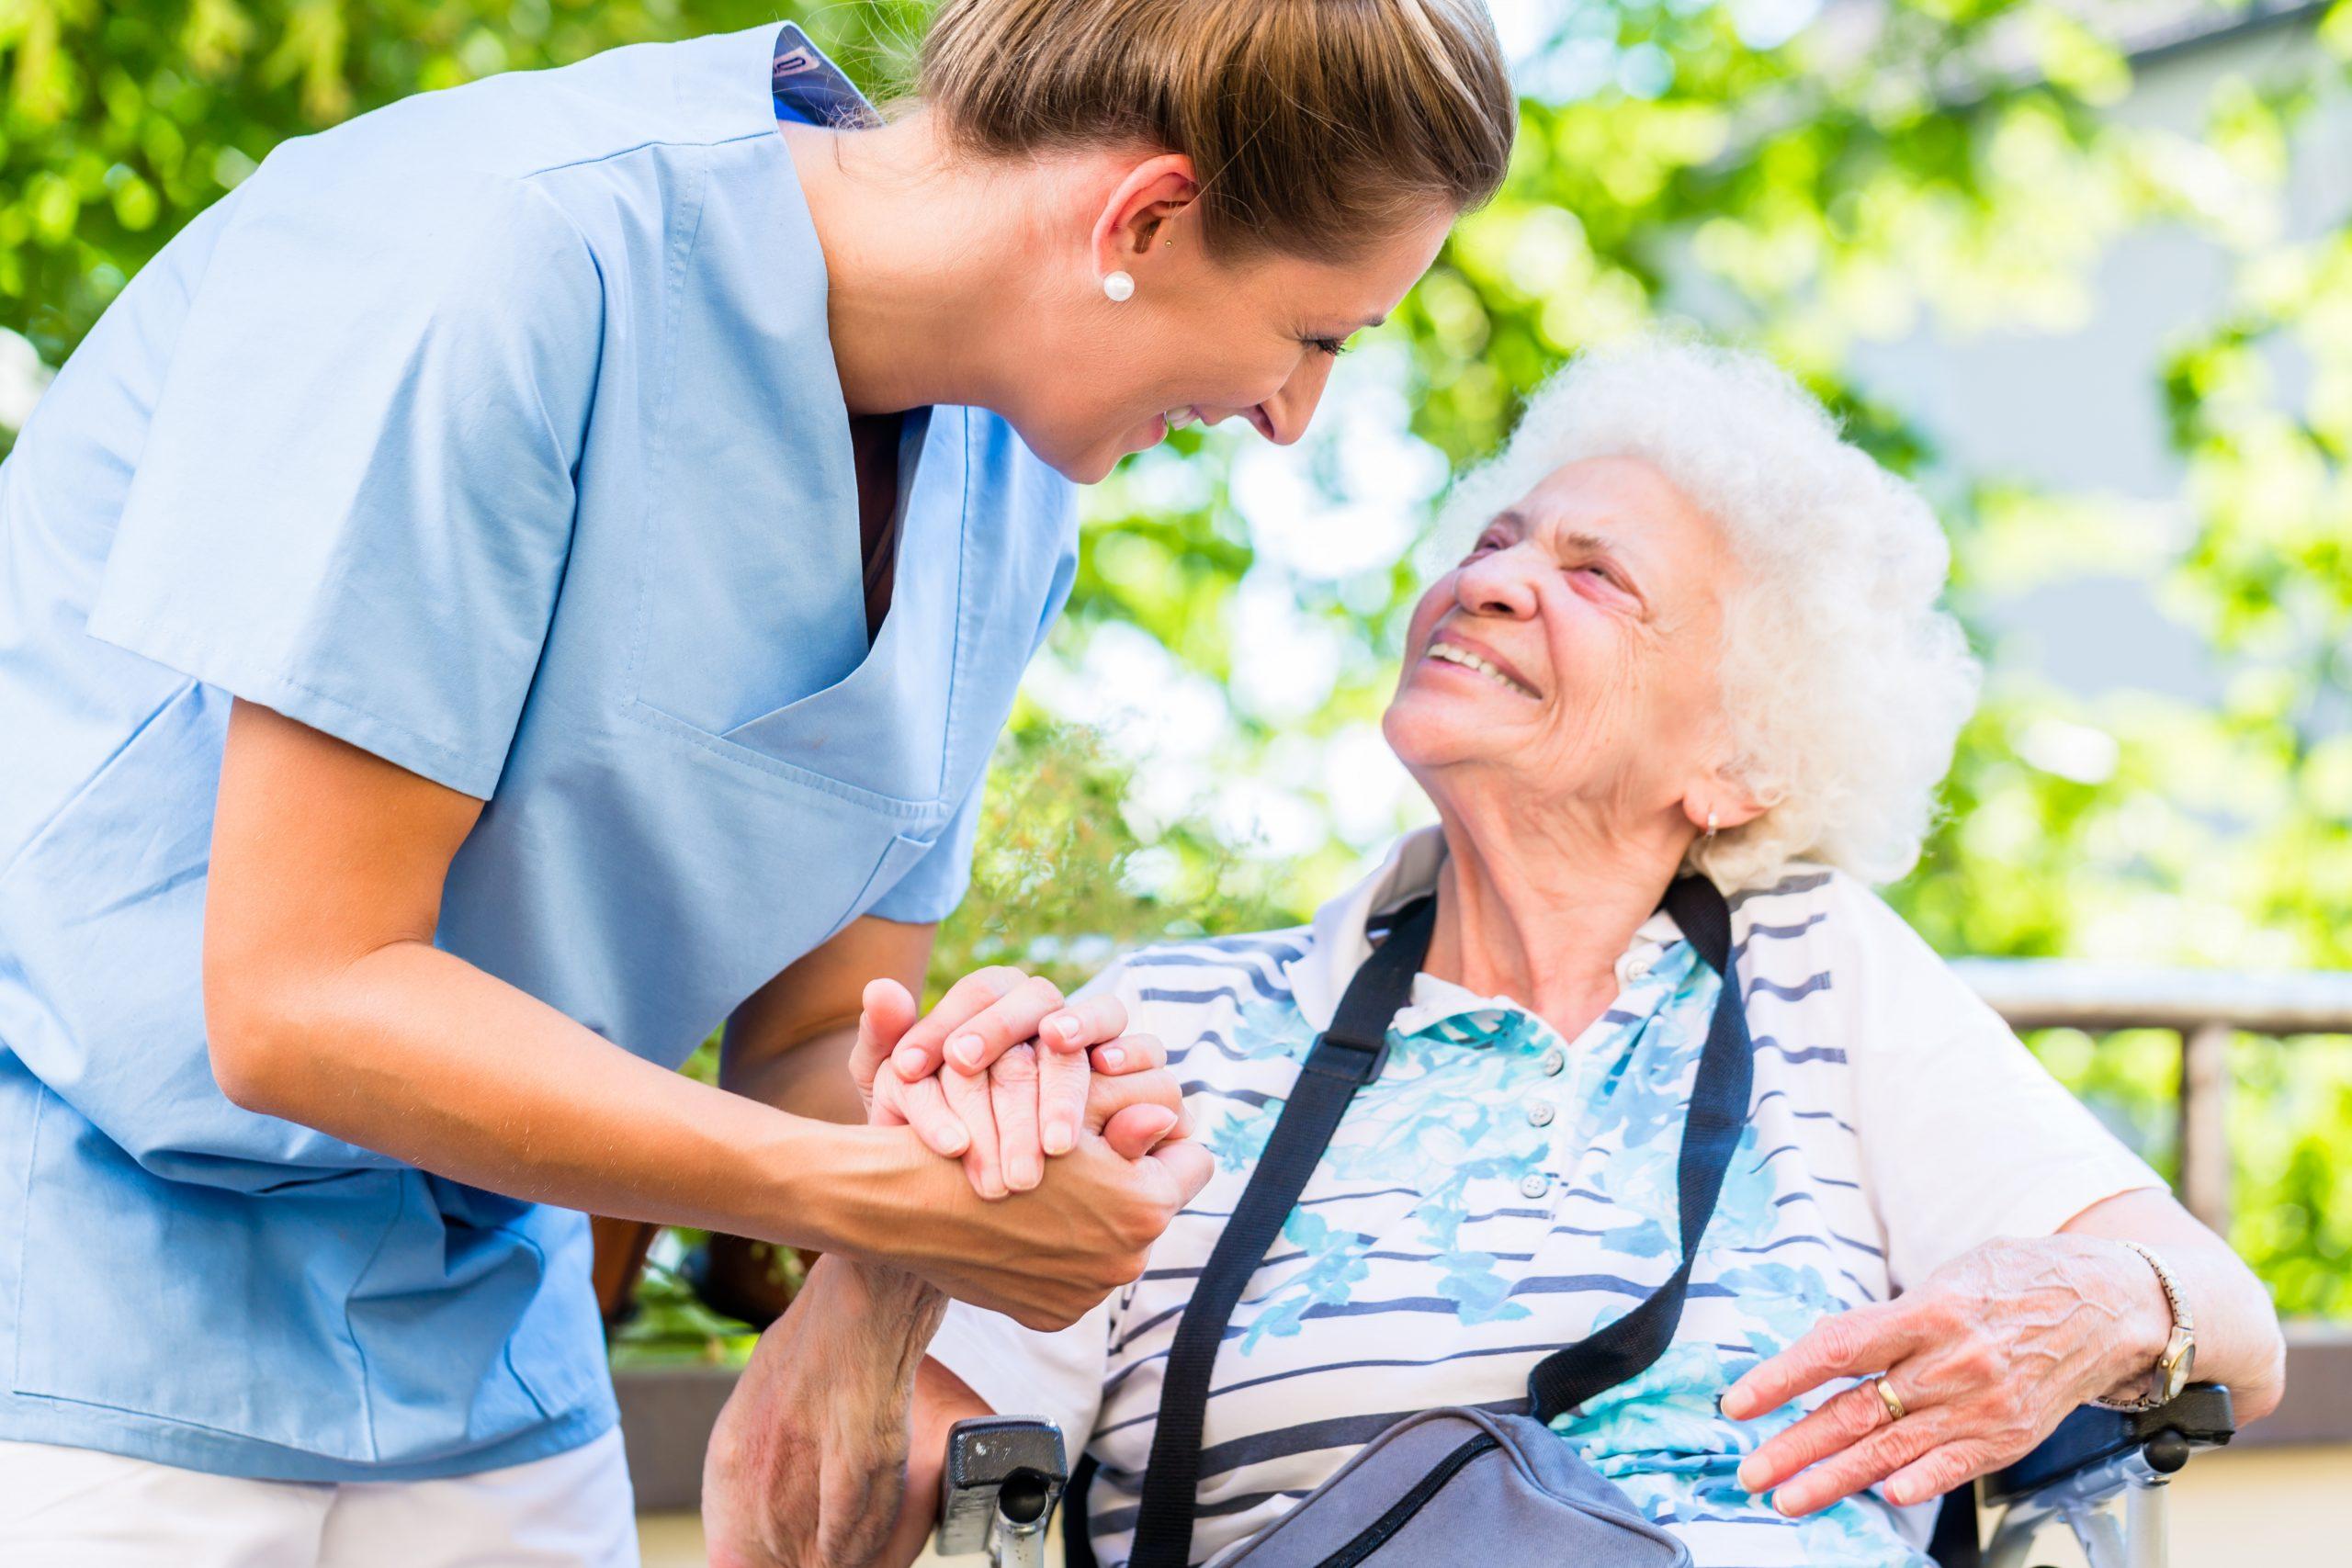 Pflegehelfer als ein Job ohne Ausbildung